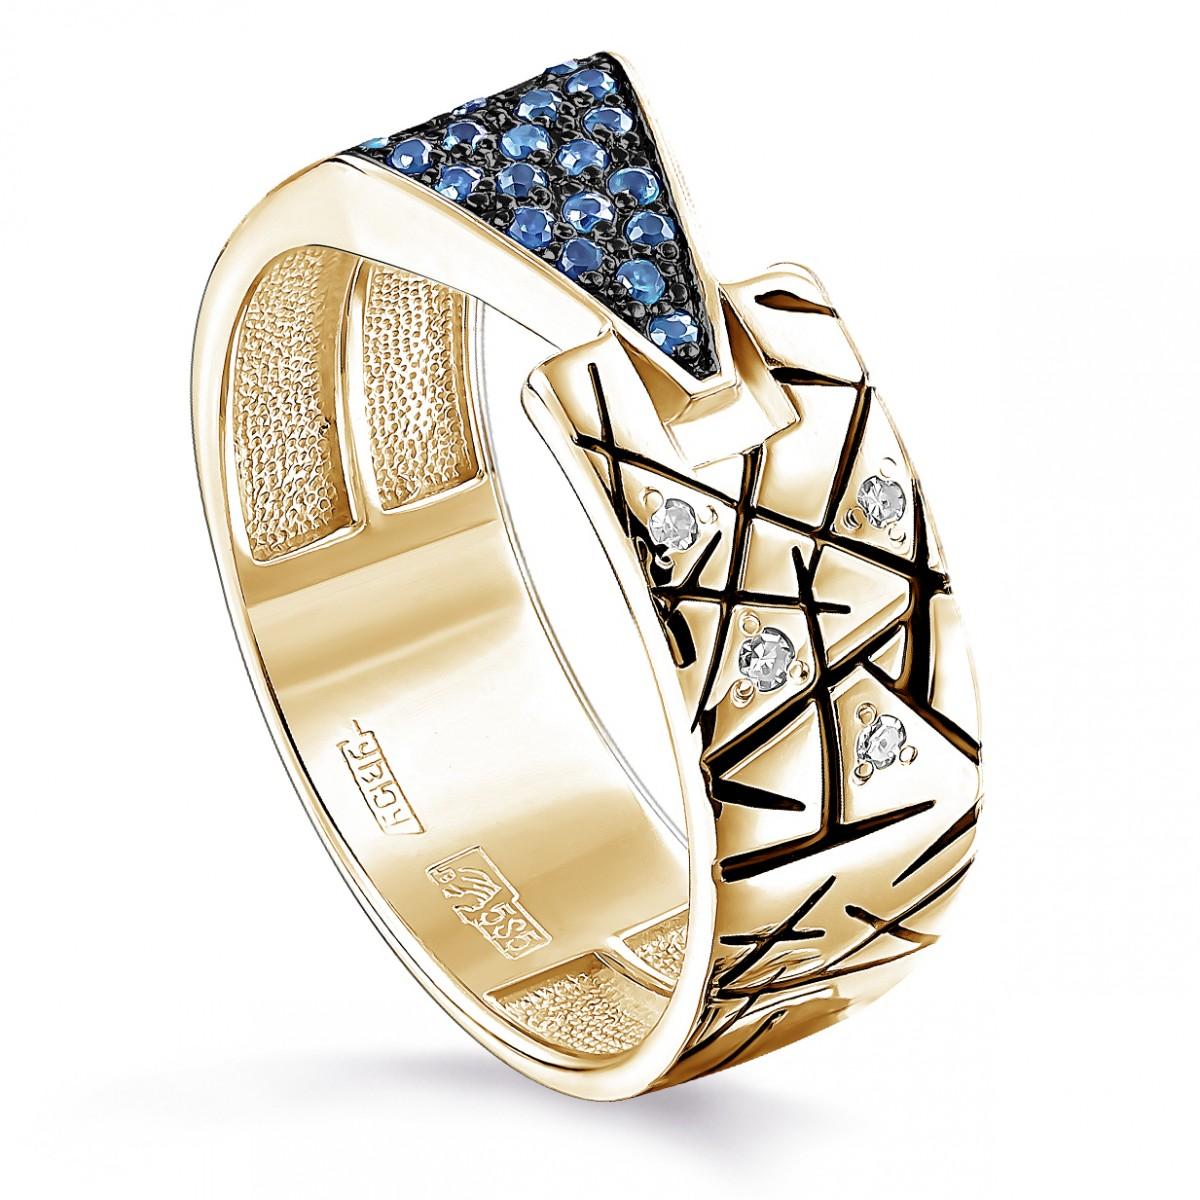 Кольцо из лимонного золота Бриллиант и Топаз арт. 11-21147-2302 11-21147-2302